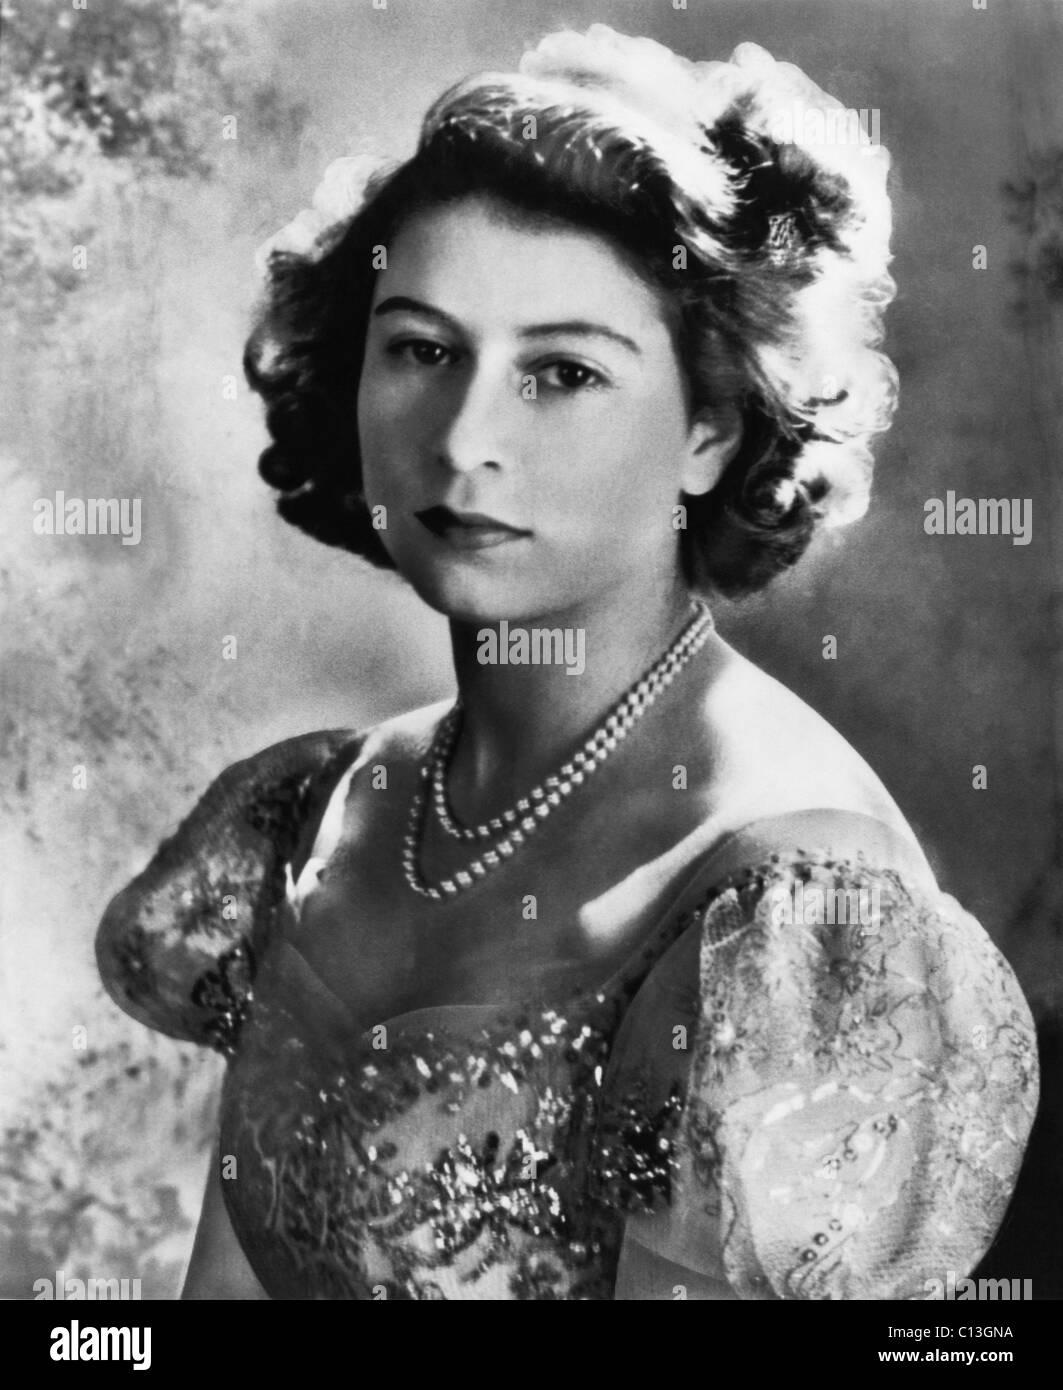 British Royalty. Future Queen of England Princess Elizabeth, 1947. - Stock Image